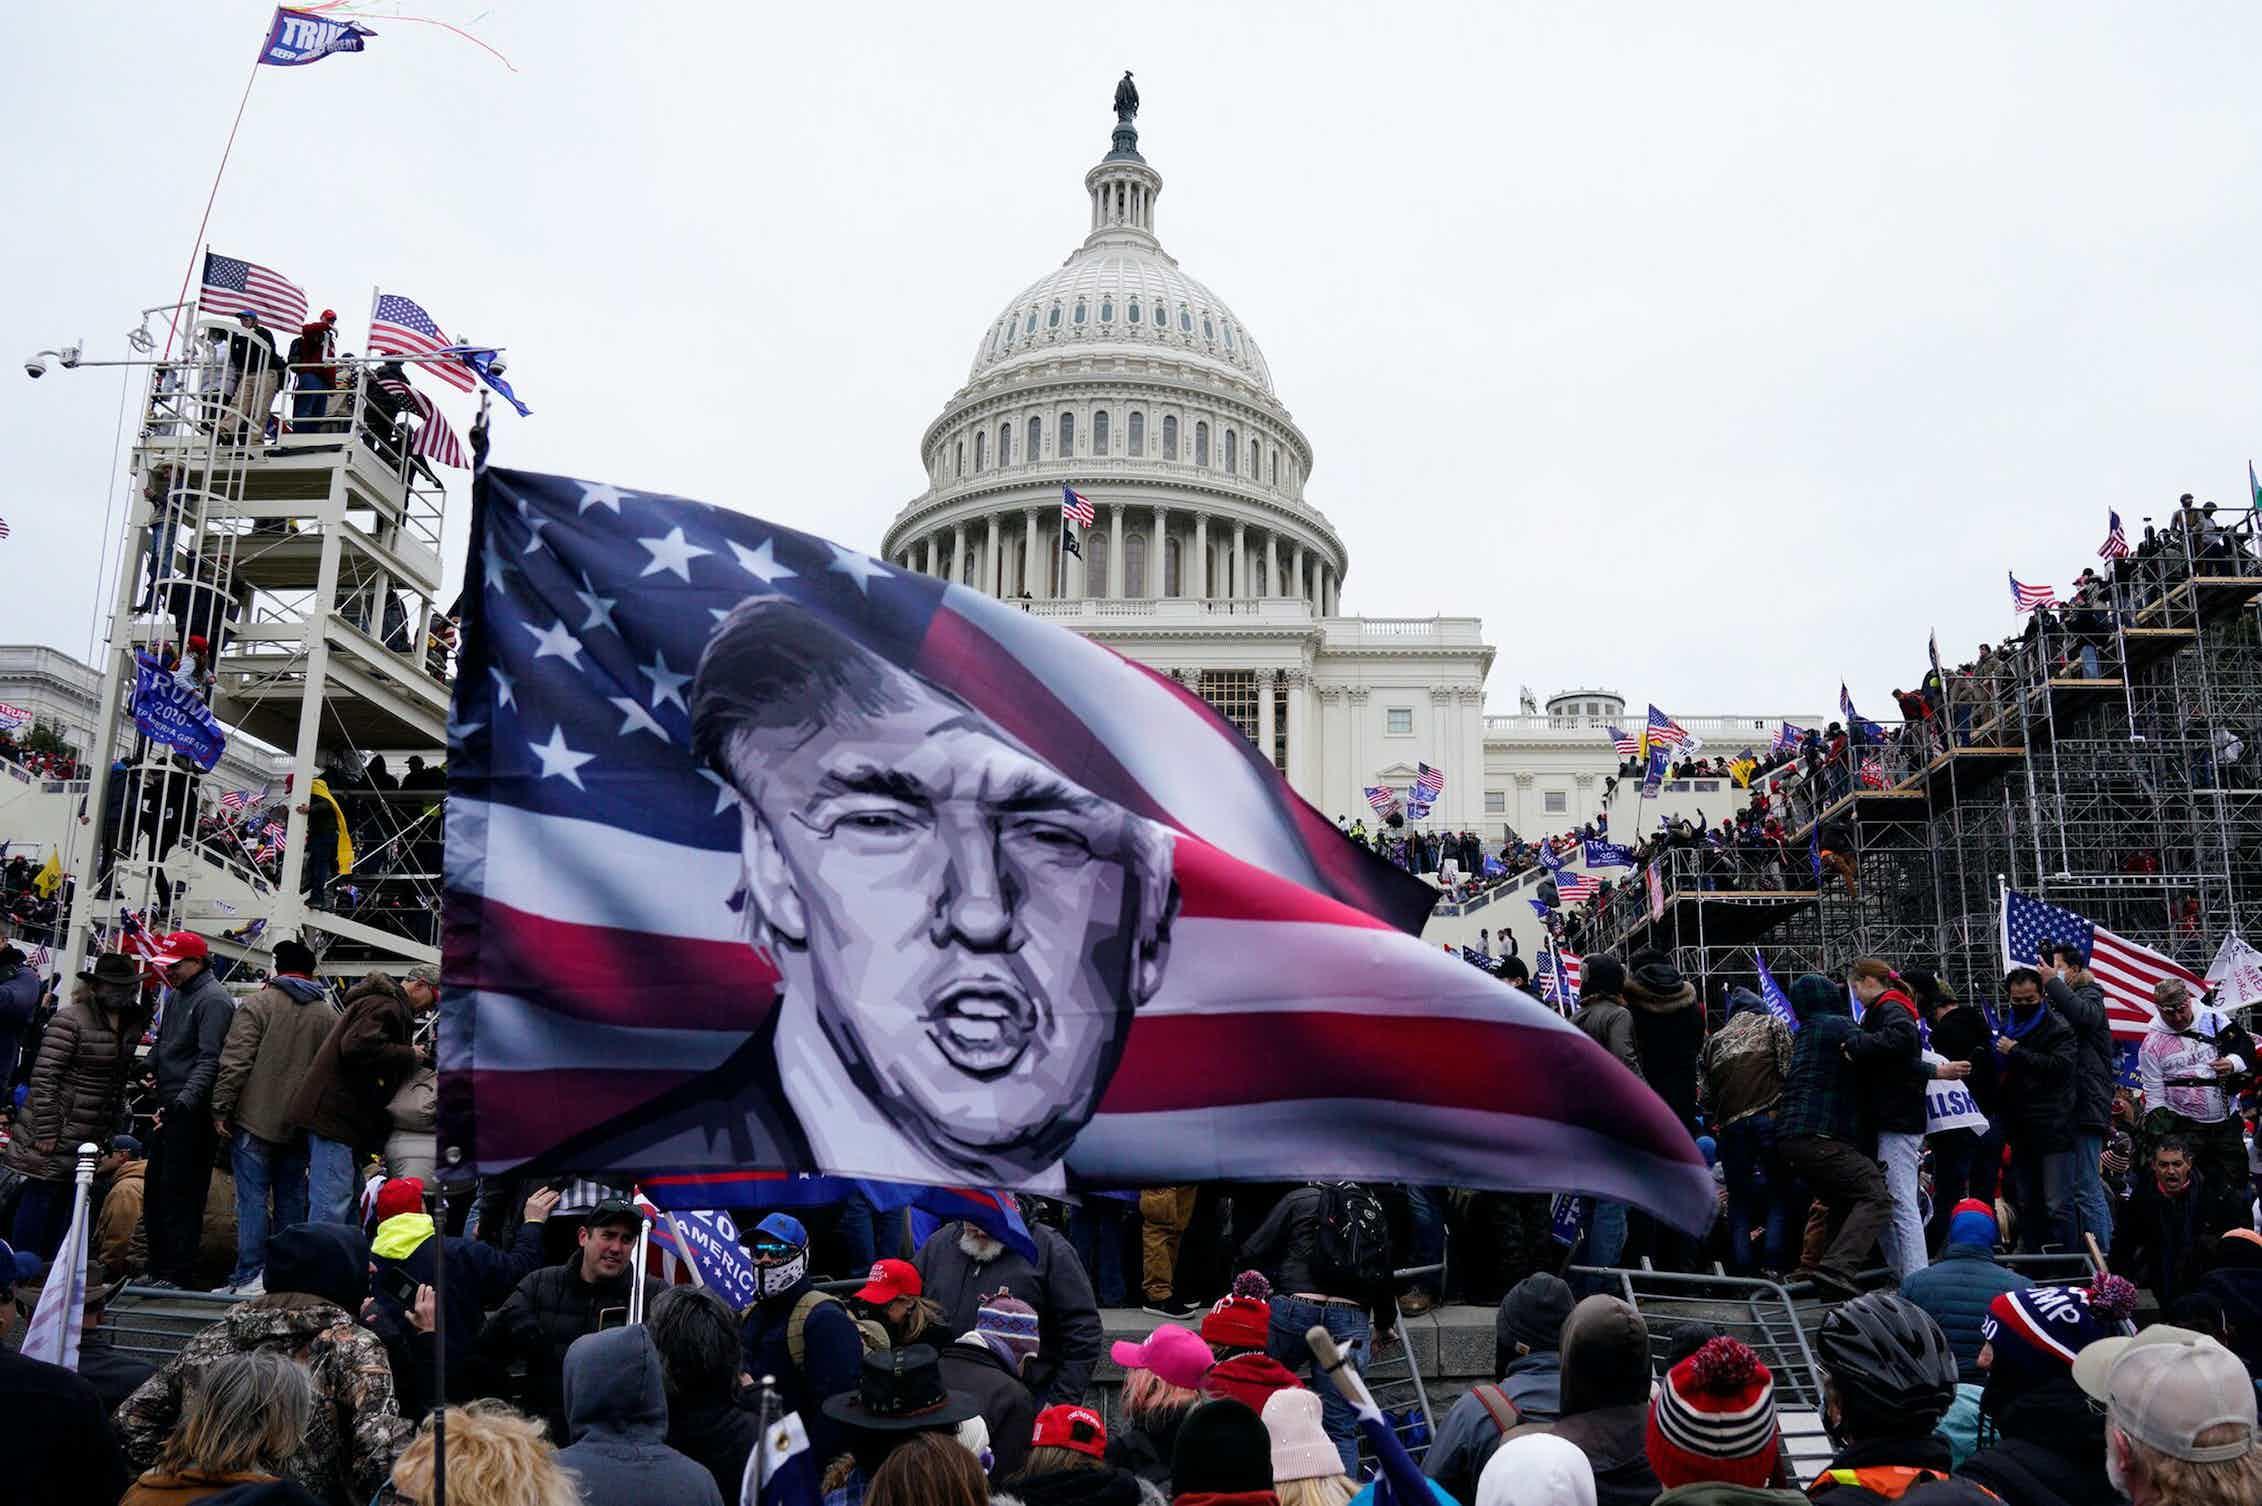 El Presidente Trump representado en una bandera de EE.UU. durante el asalto de sus partidarios al Capitolio. Washington, 6 de enero de 2021.Shutterstock / Alex Gakos